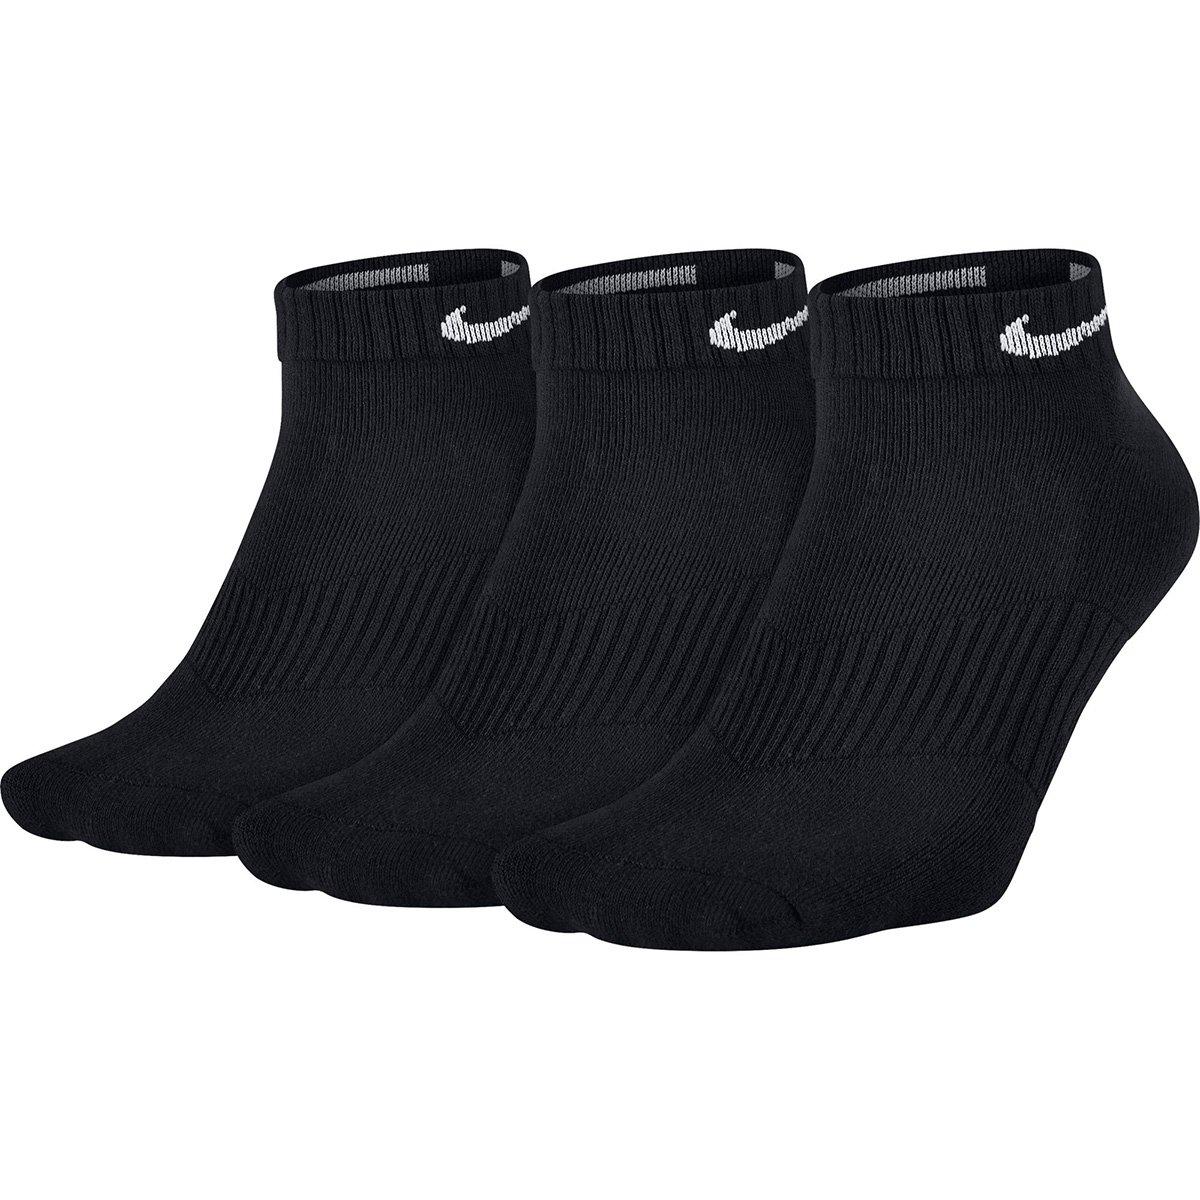 Meia Nike Cano Baixo Dri-Fit Pacote com 3 Pares - Preto - Compre ... 7a94bdf51b891